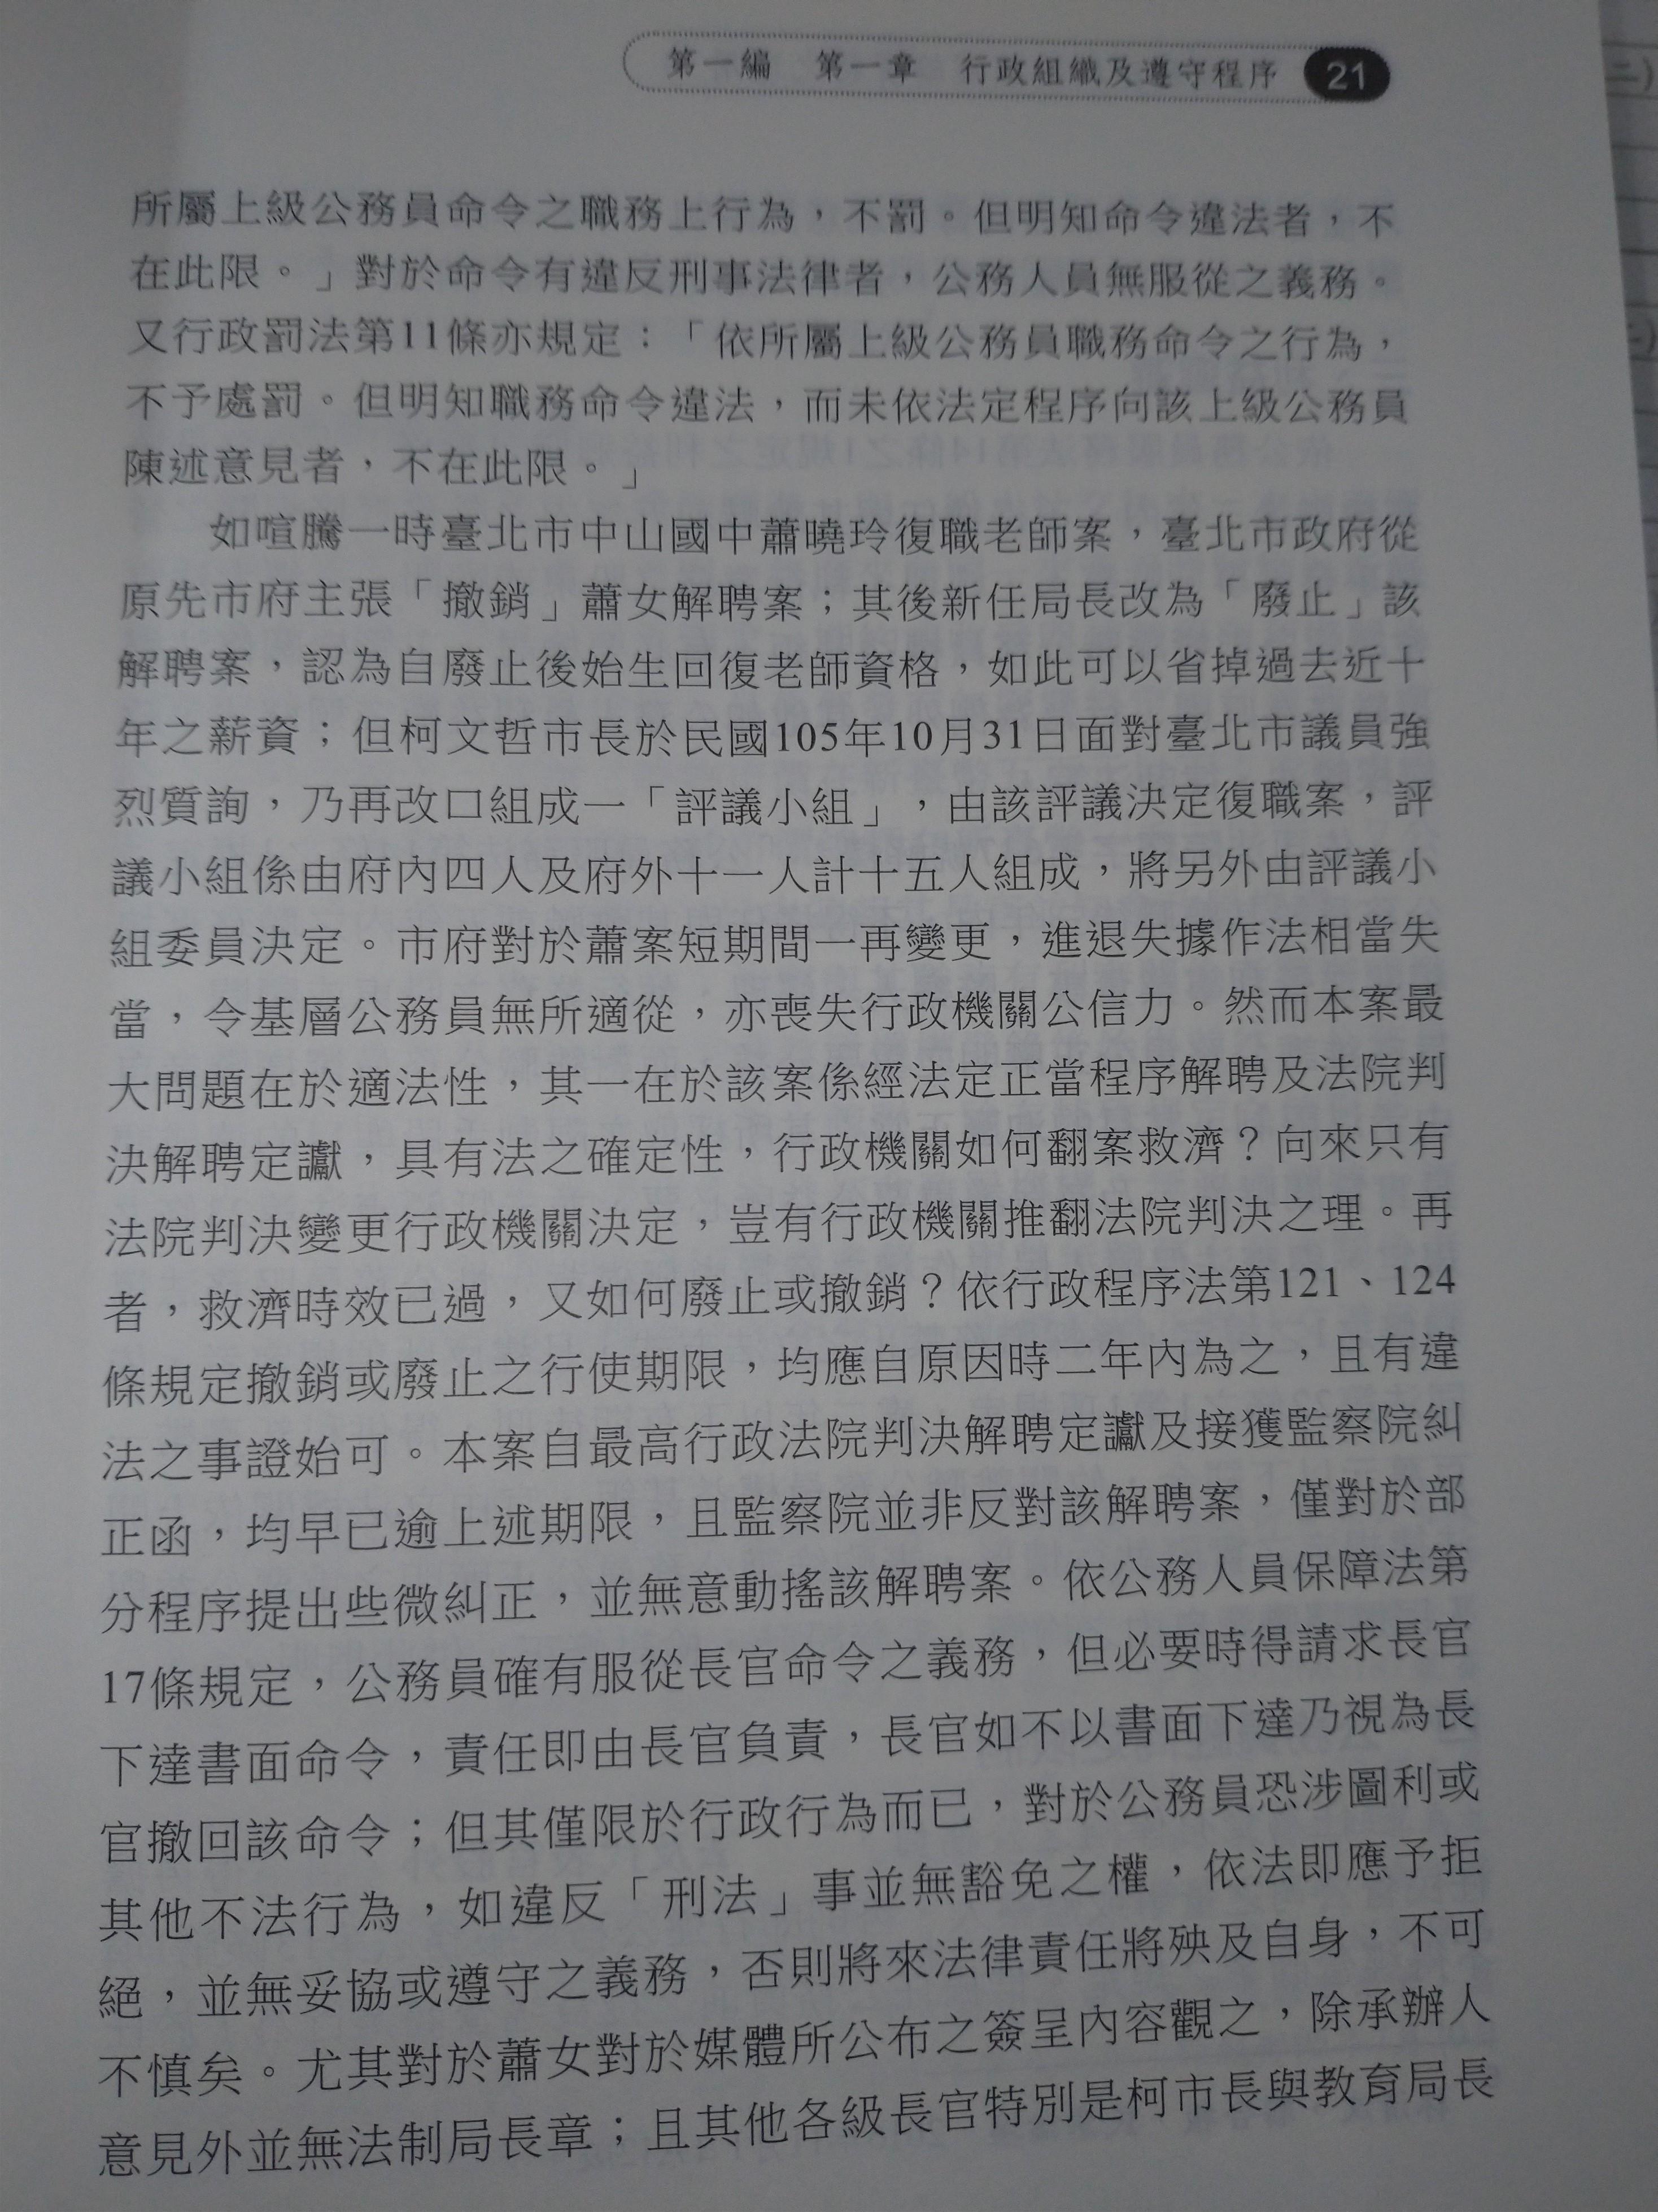 [分享] 蕭曉玲案 某法律見解